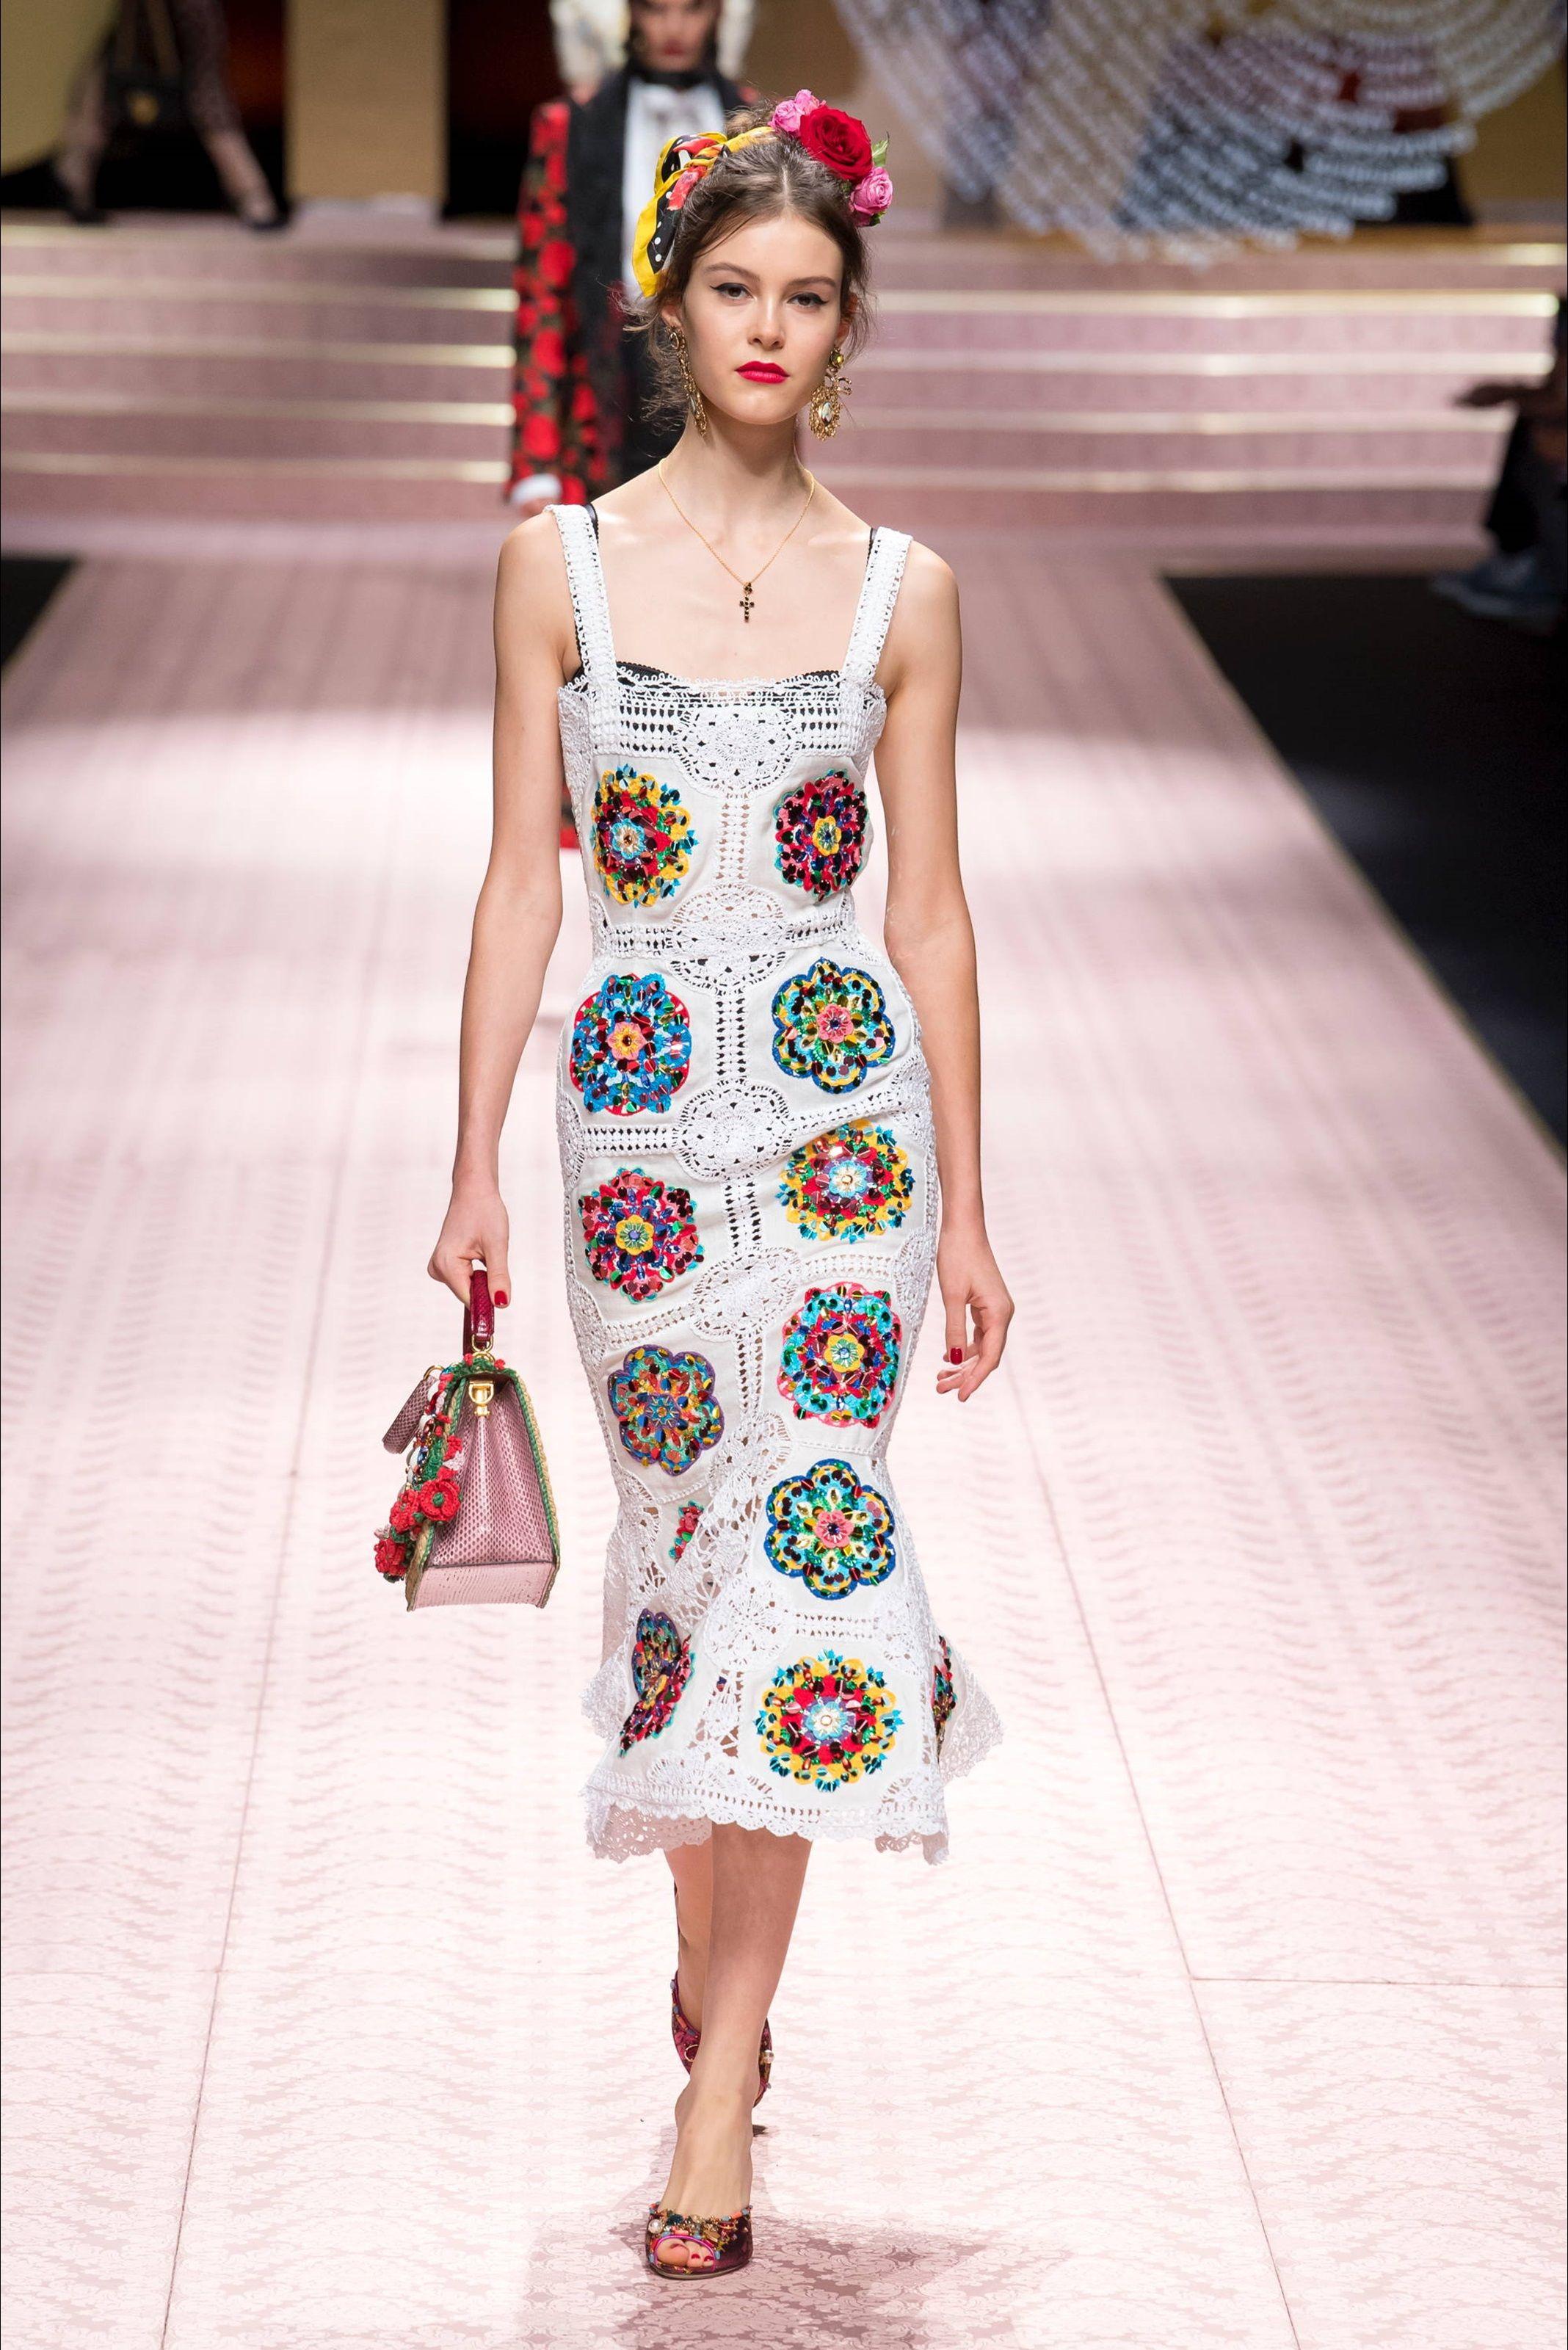 Sfilata Dolce   Gabbana Milano - Collezioni Primavera Estate 2019 - Vogue 34a49b17b63